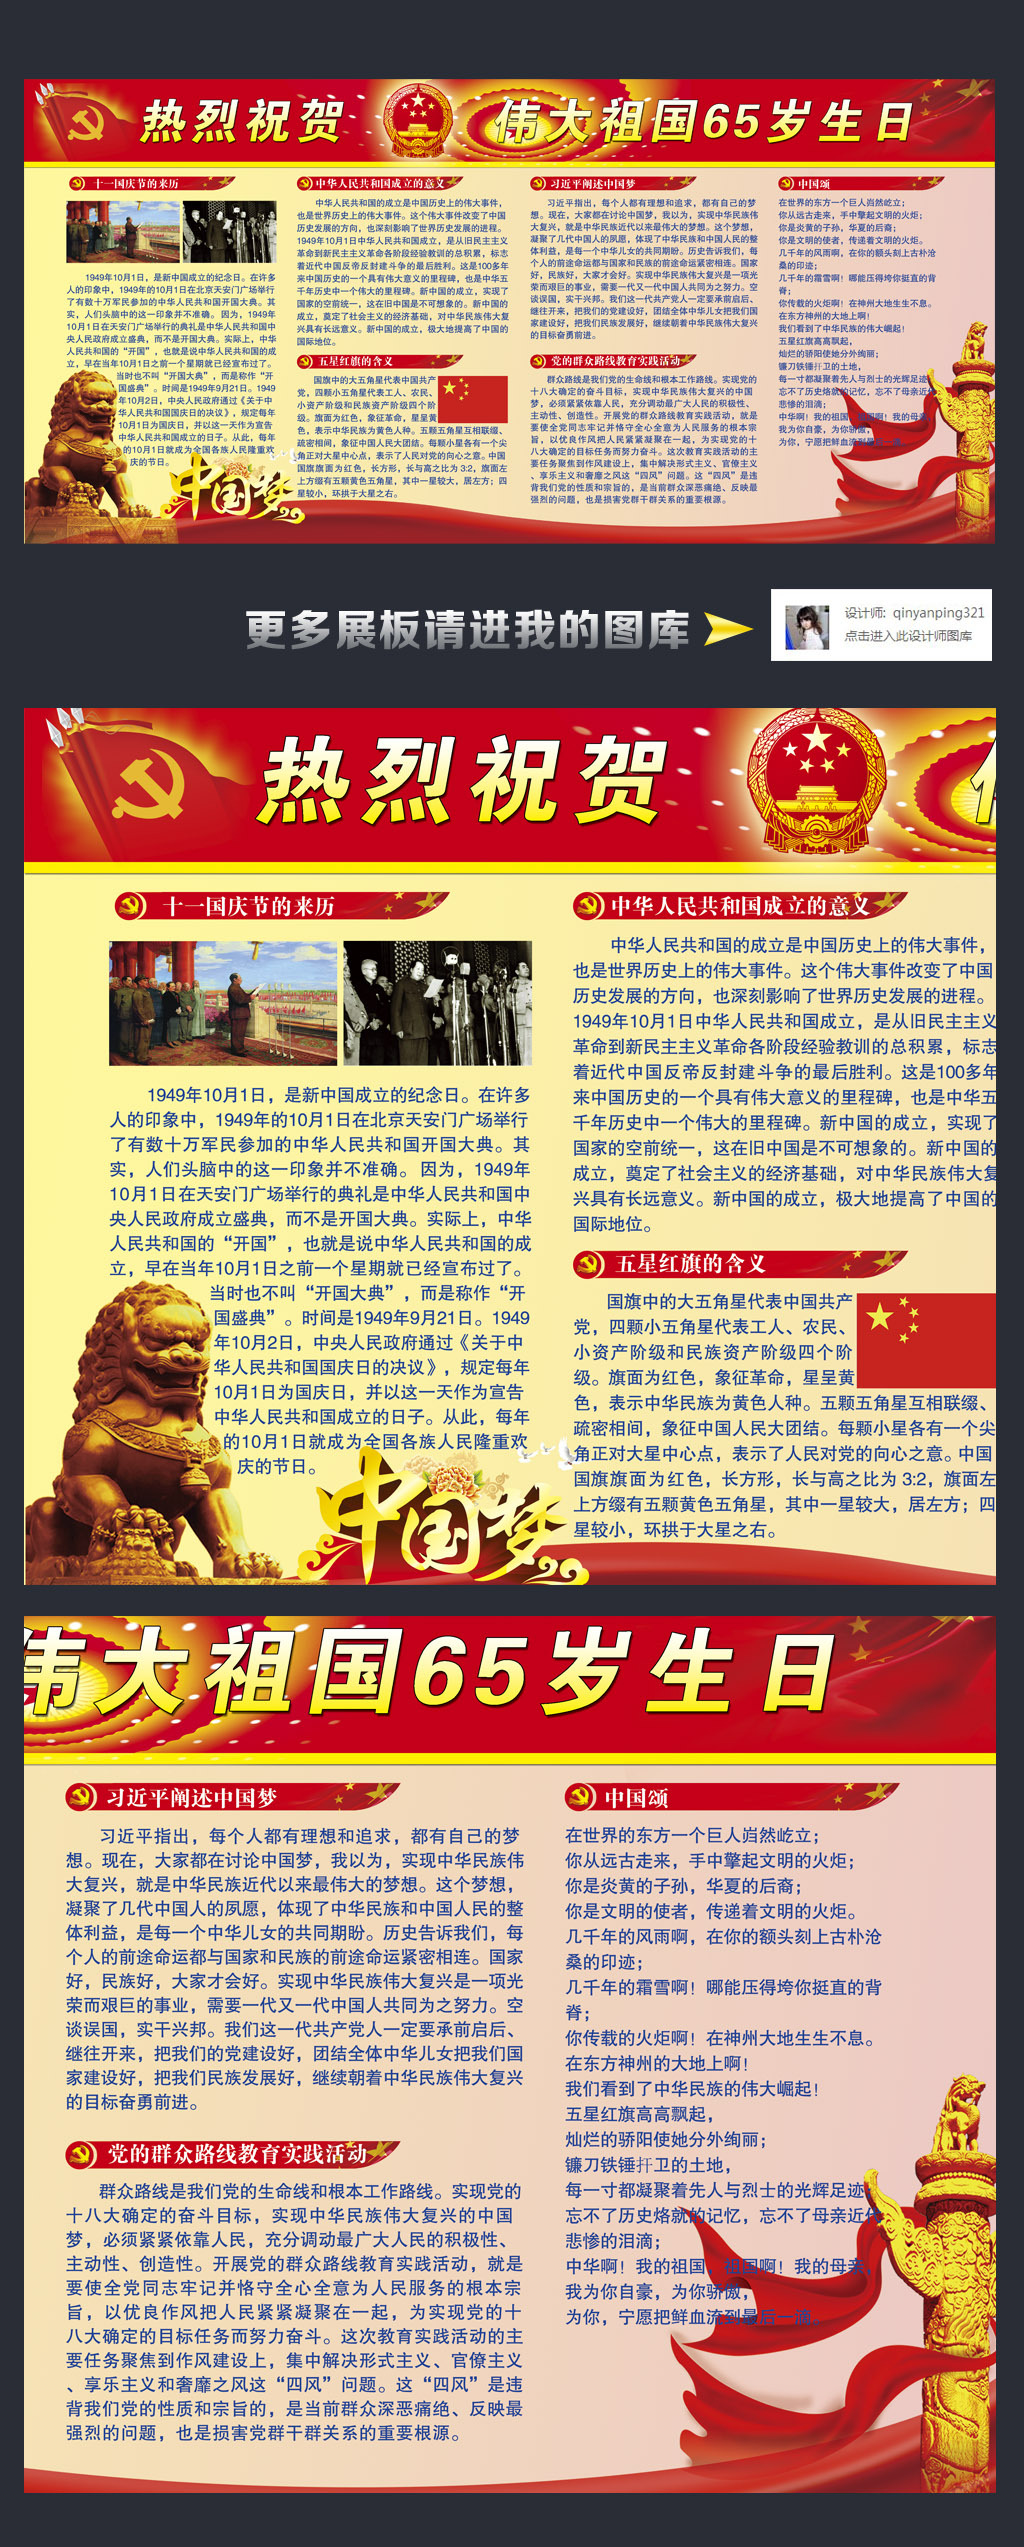 国庆节板报 中国梦 道贺